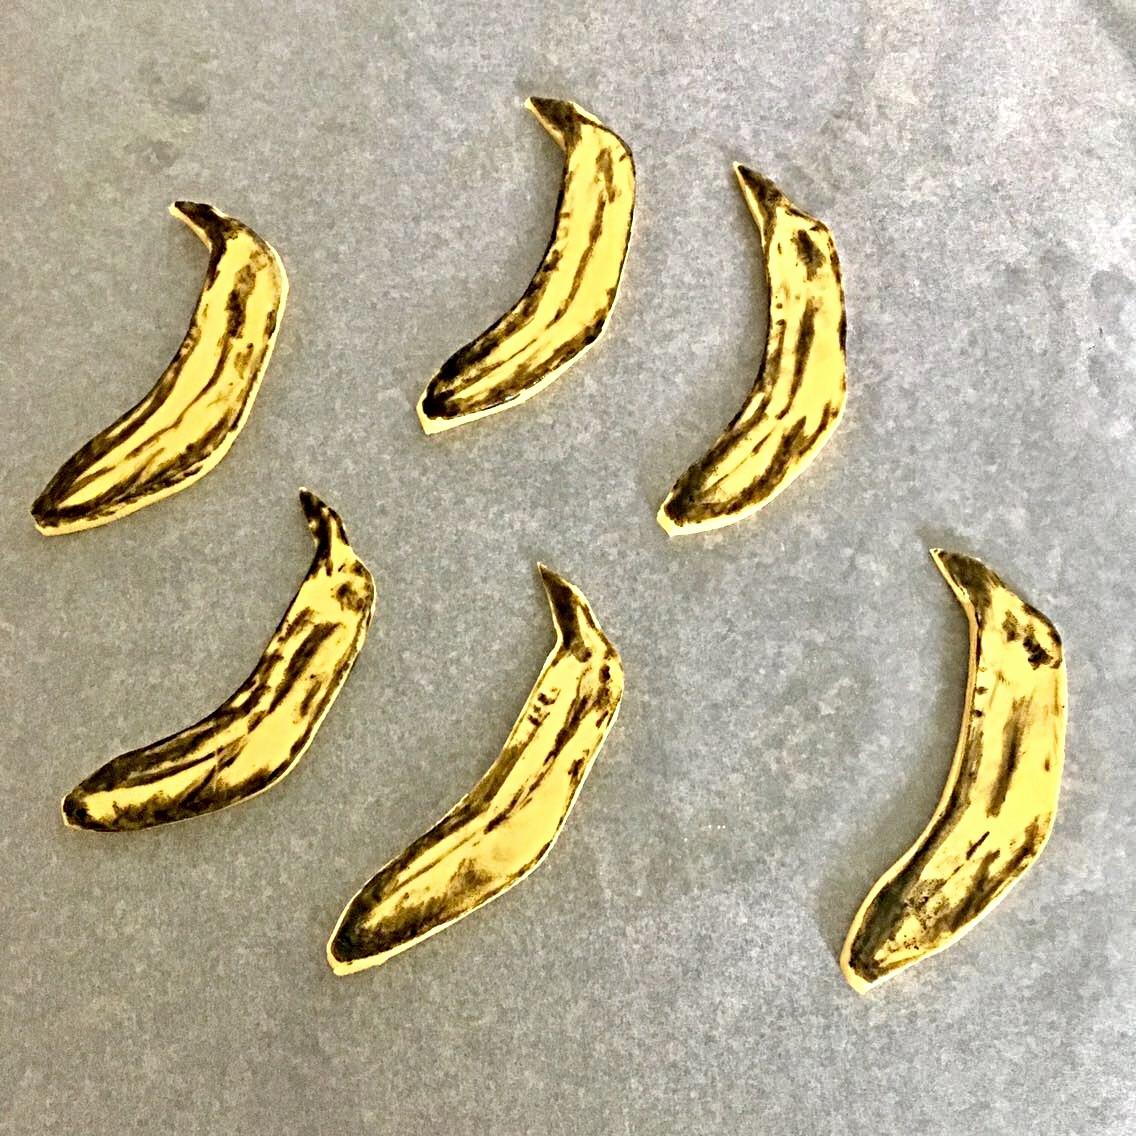 How To Make Pop Art Banana Cupcakes